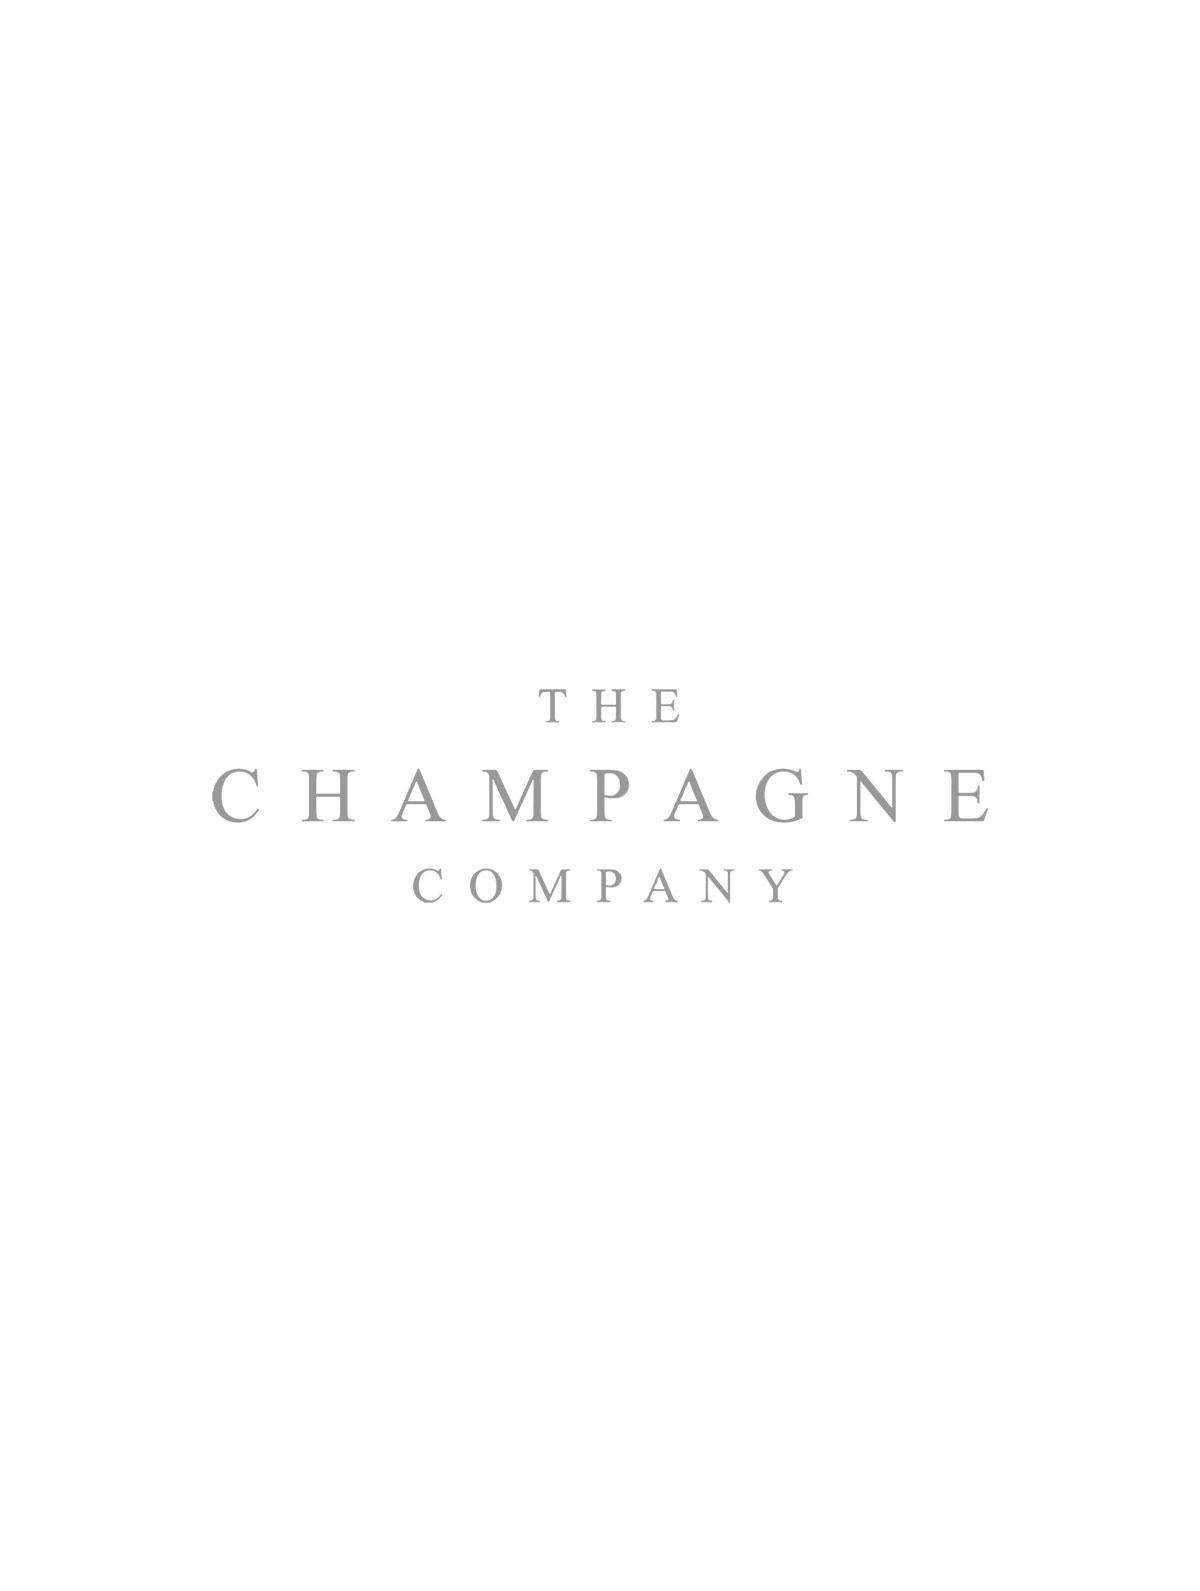 Chateau Grand Barrail Lamarzelle Figeac Grand Cru 2011 Red Wine 75cl